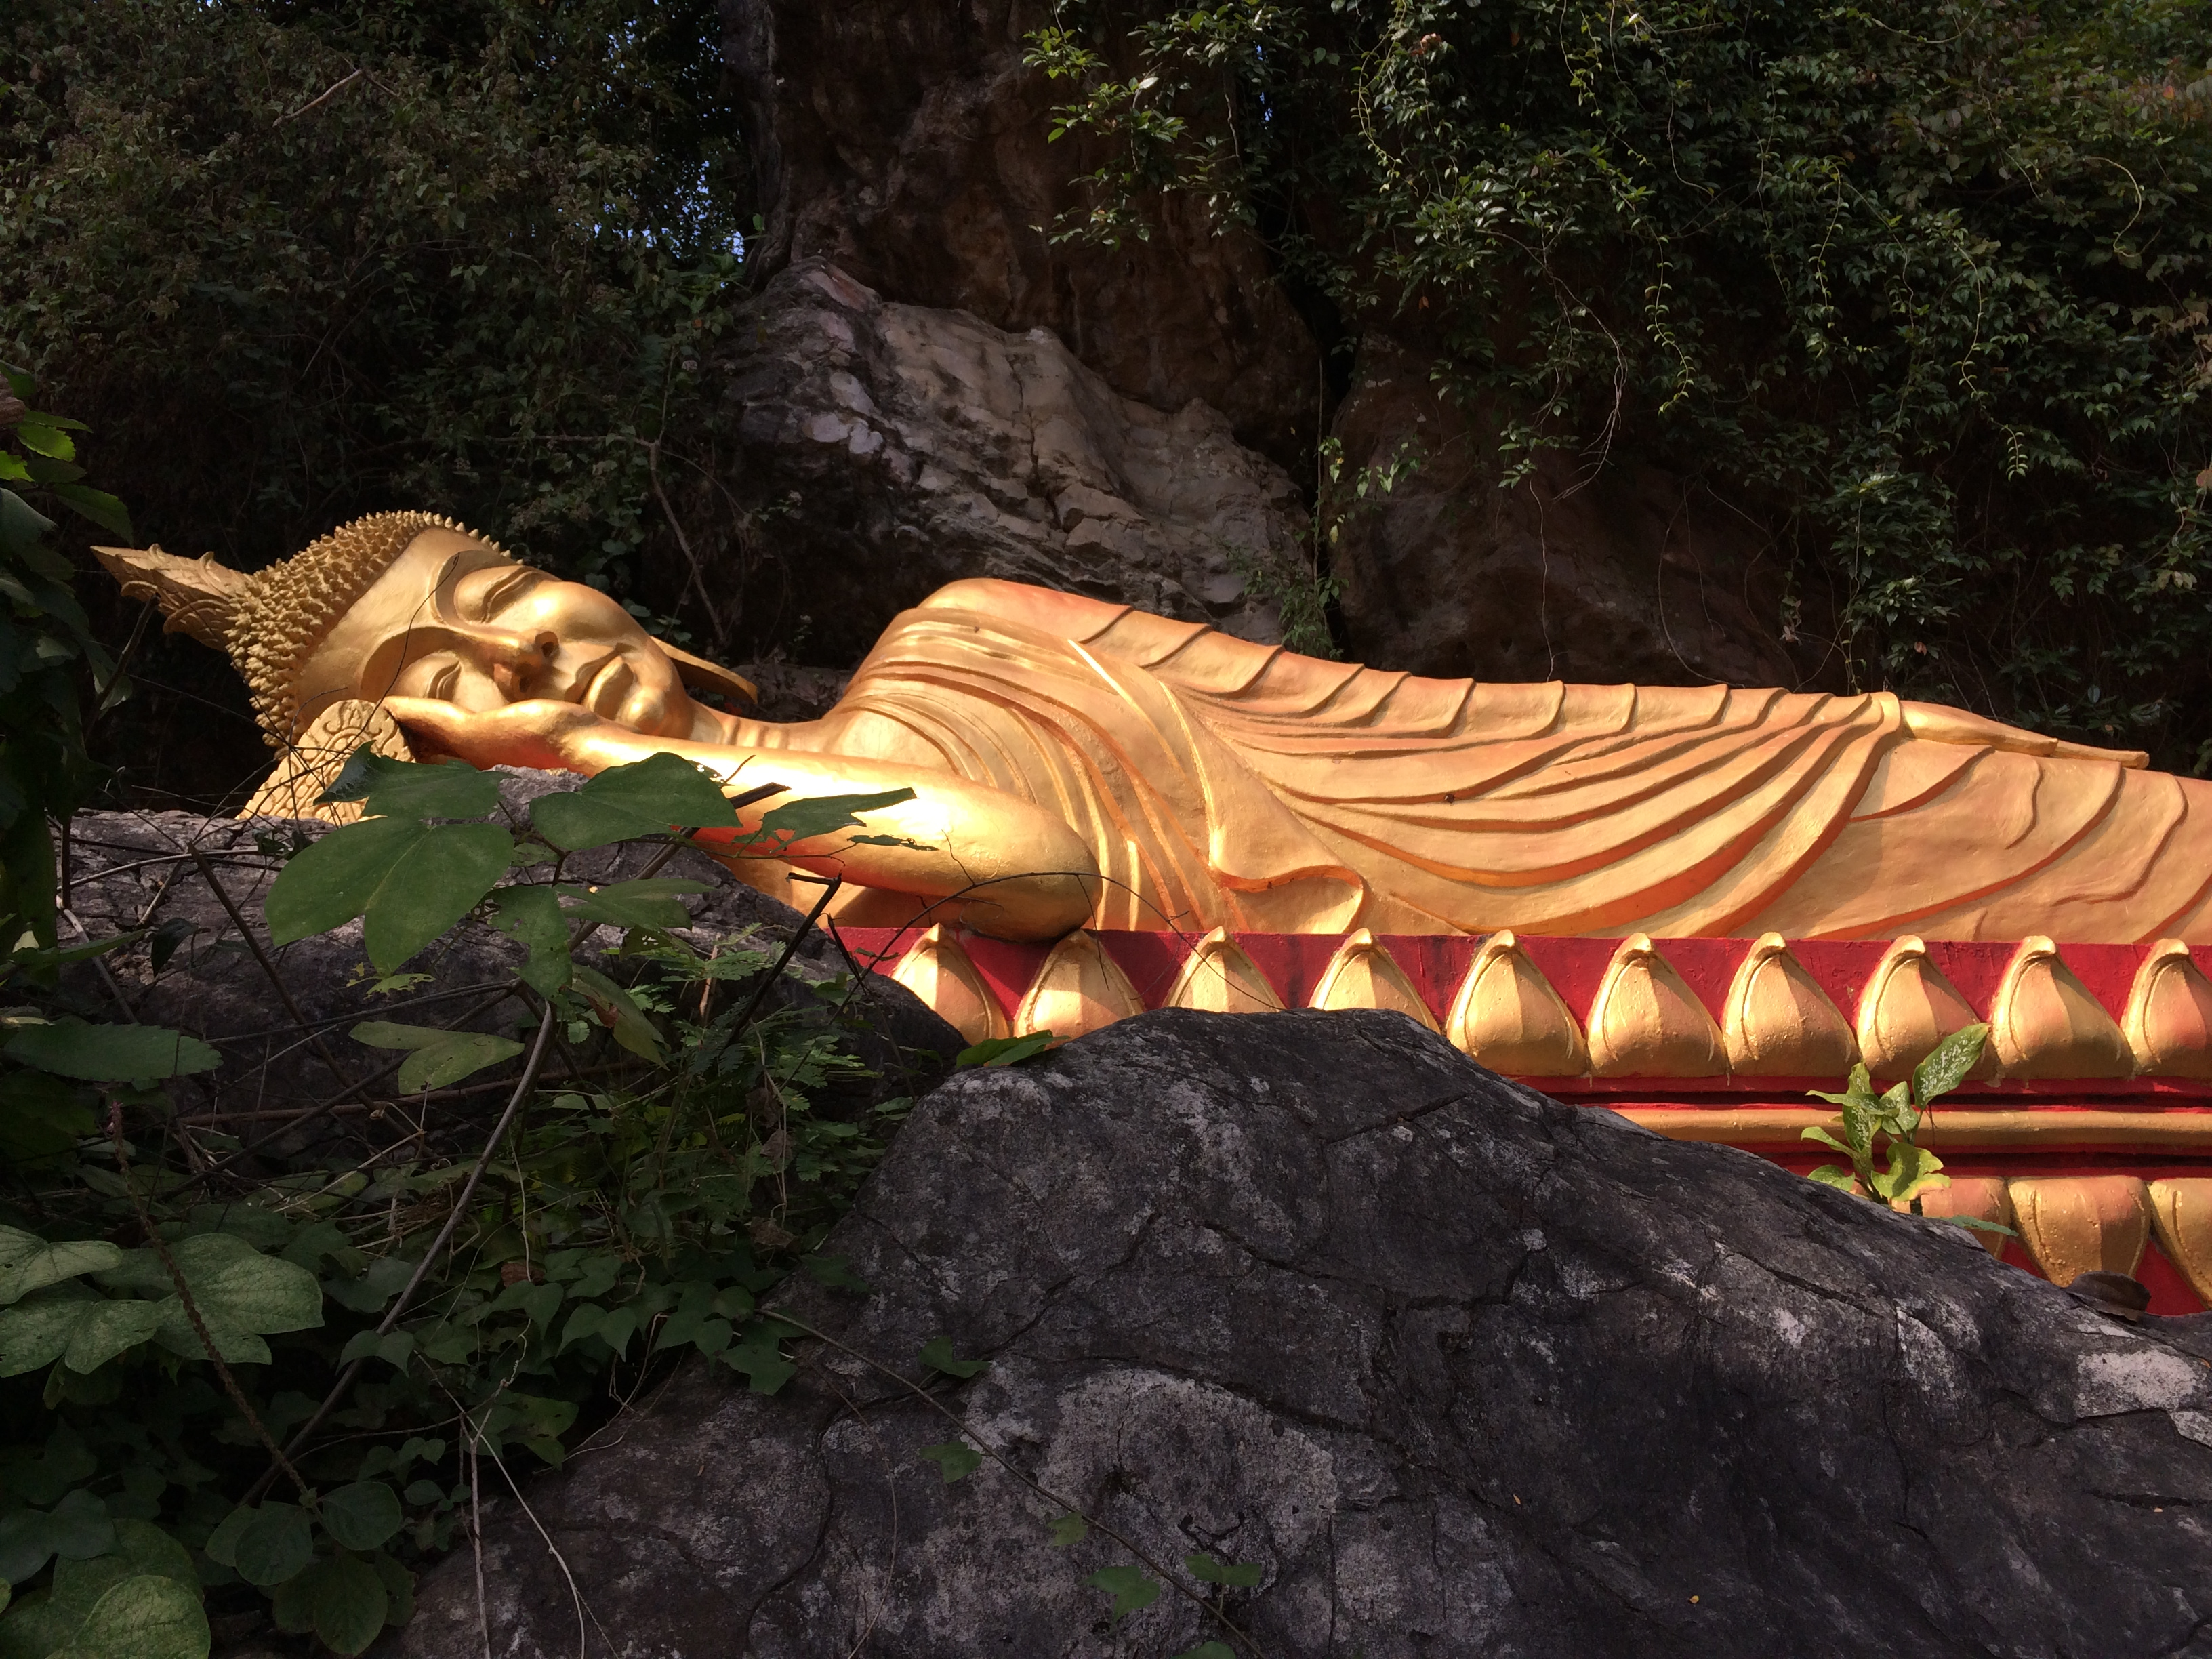 Laos. Vom Essen, Vats & dem roten Kreuz. 08.01.2014